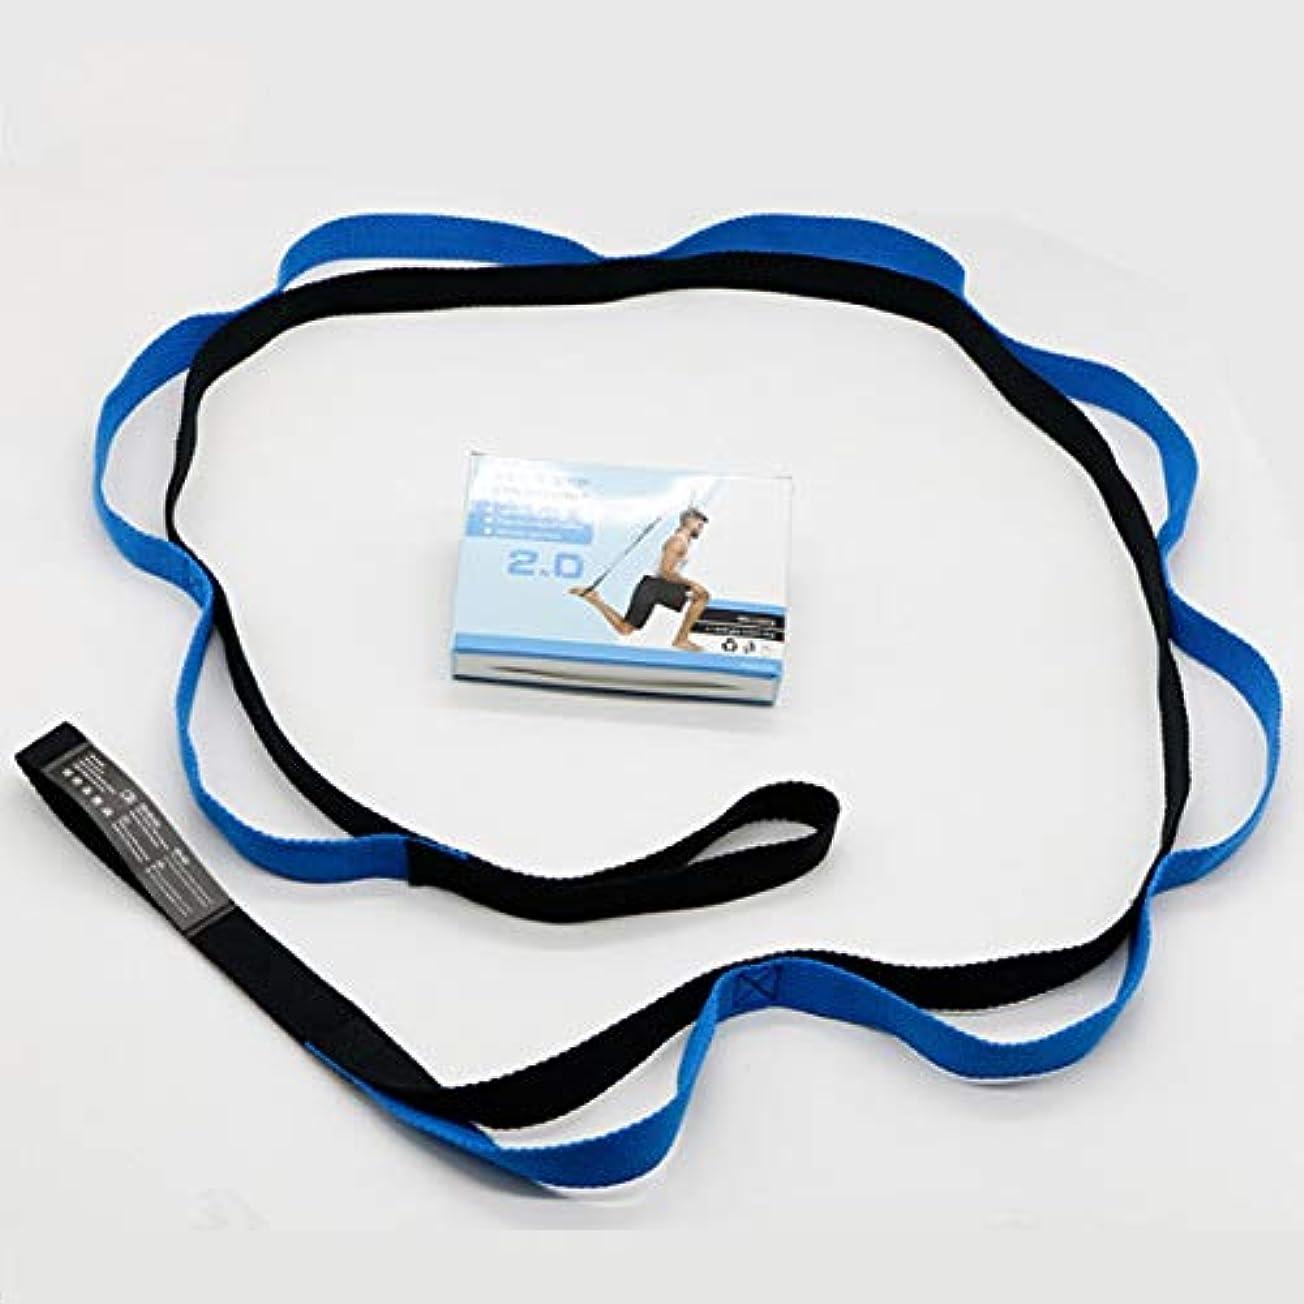 他の場所トランスミッション国内のフィットネスエクササイズジムヨガストレッチアウトストラップ弾性ベルトウエストレッグアームエクステンションストラップベルトスポーツユニセックストレーニングベルトバンド - ブルー&ブラック